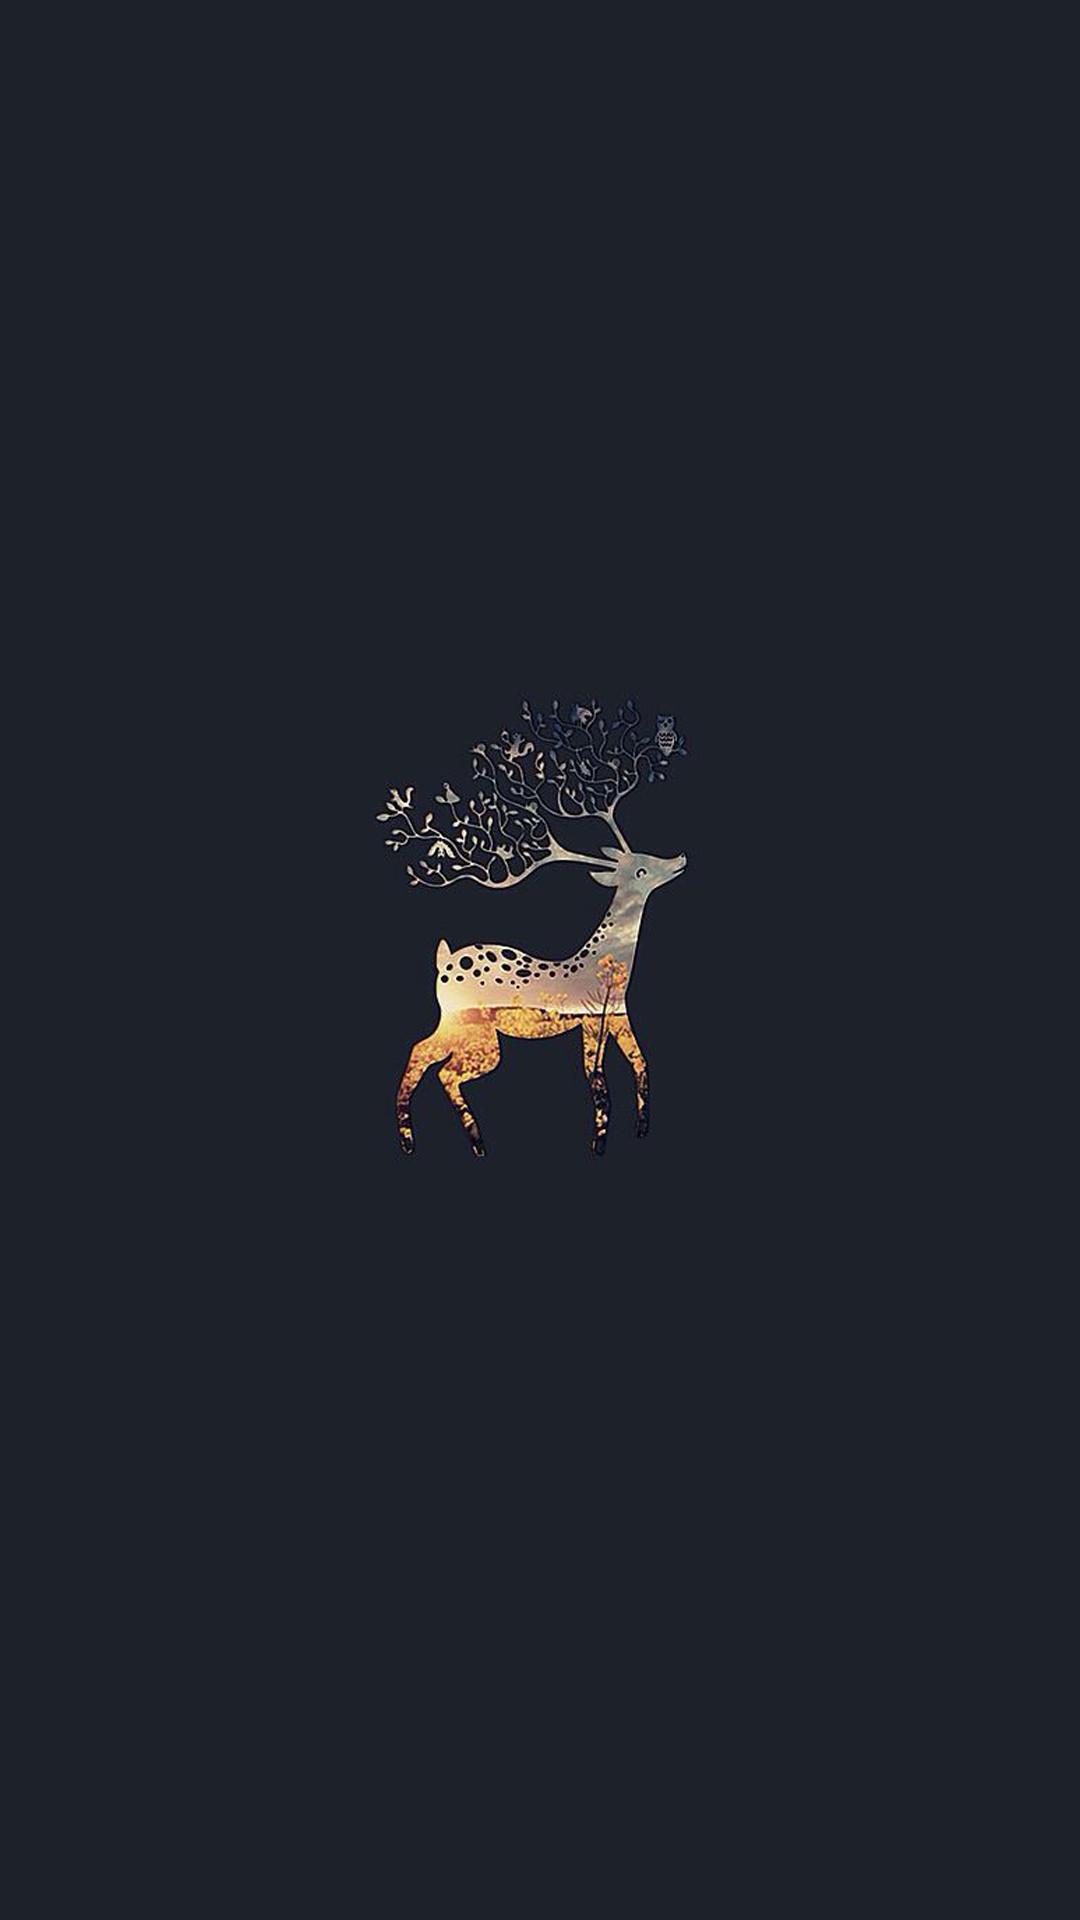 Deer Branch Horns #iPhone #6 #wallpaper